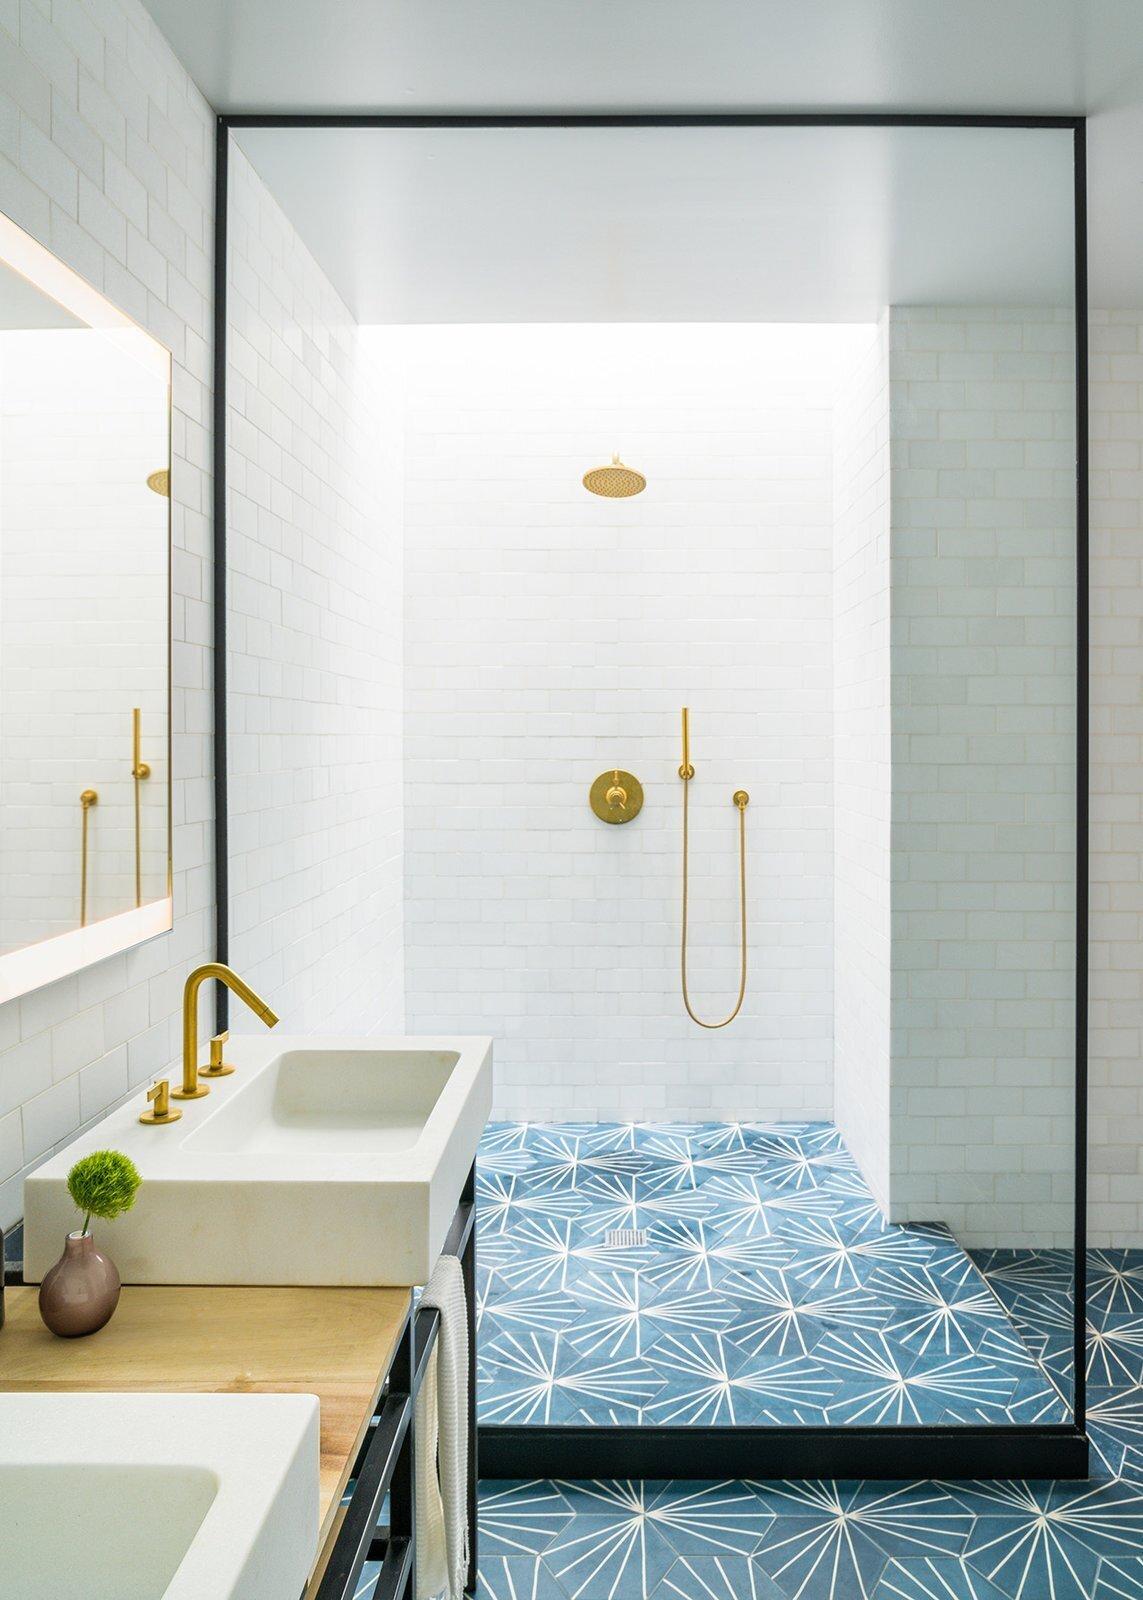 bathroom with blue starburst tile